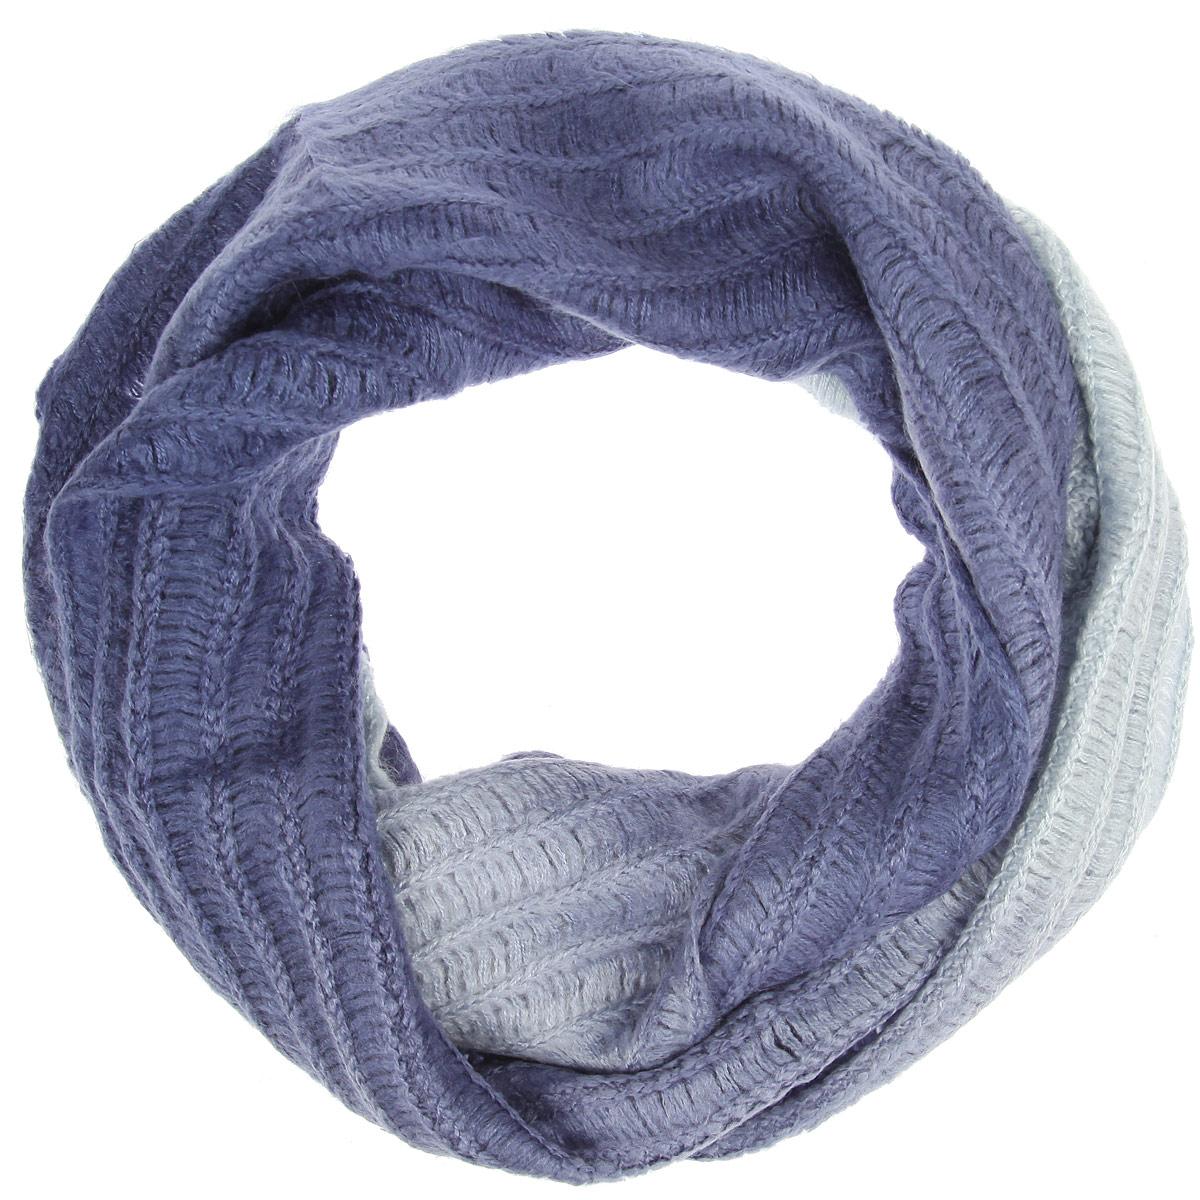 LDB52-608Уютный среднего размера шарф-снуд Labbra создан подчеркнуть ваш неординарный вкус и согреть вас в прохладное время года. Шерсть с мохером - идеальное сочетание для снуда. Модель отличается интересной фактурой, невероятной легкостью и мягкостью. Красивый шарф-кольцо отлично сочетается с любой нарядной одеждой. Такой предмет гардероба не только хорошо работает на создание модного образа, но и согревает в непогоду.